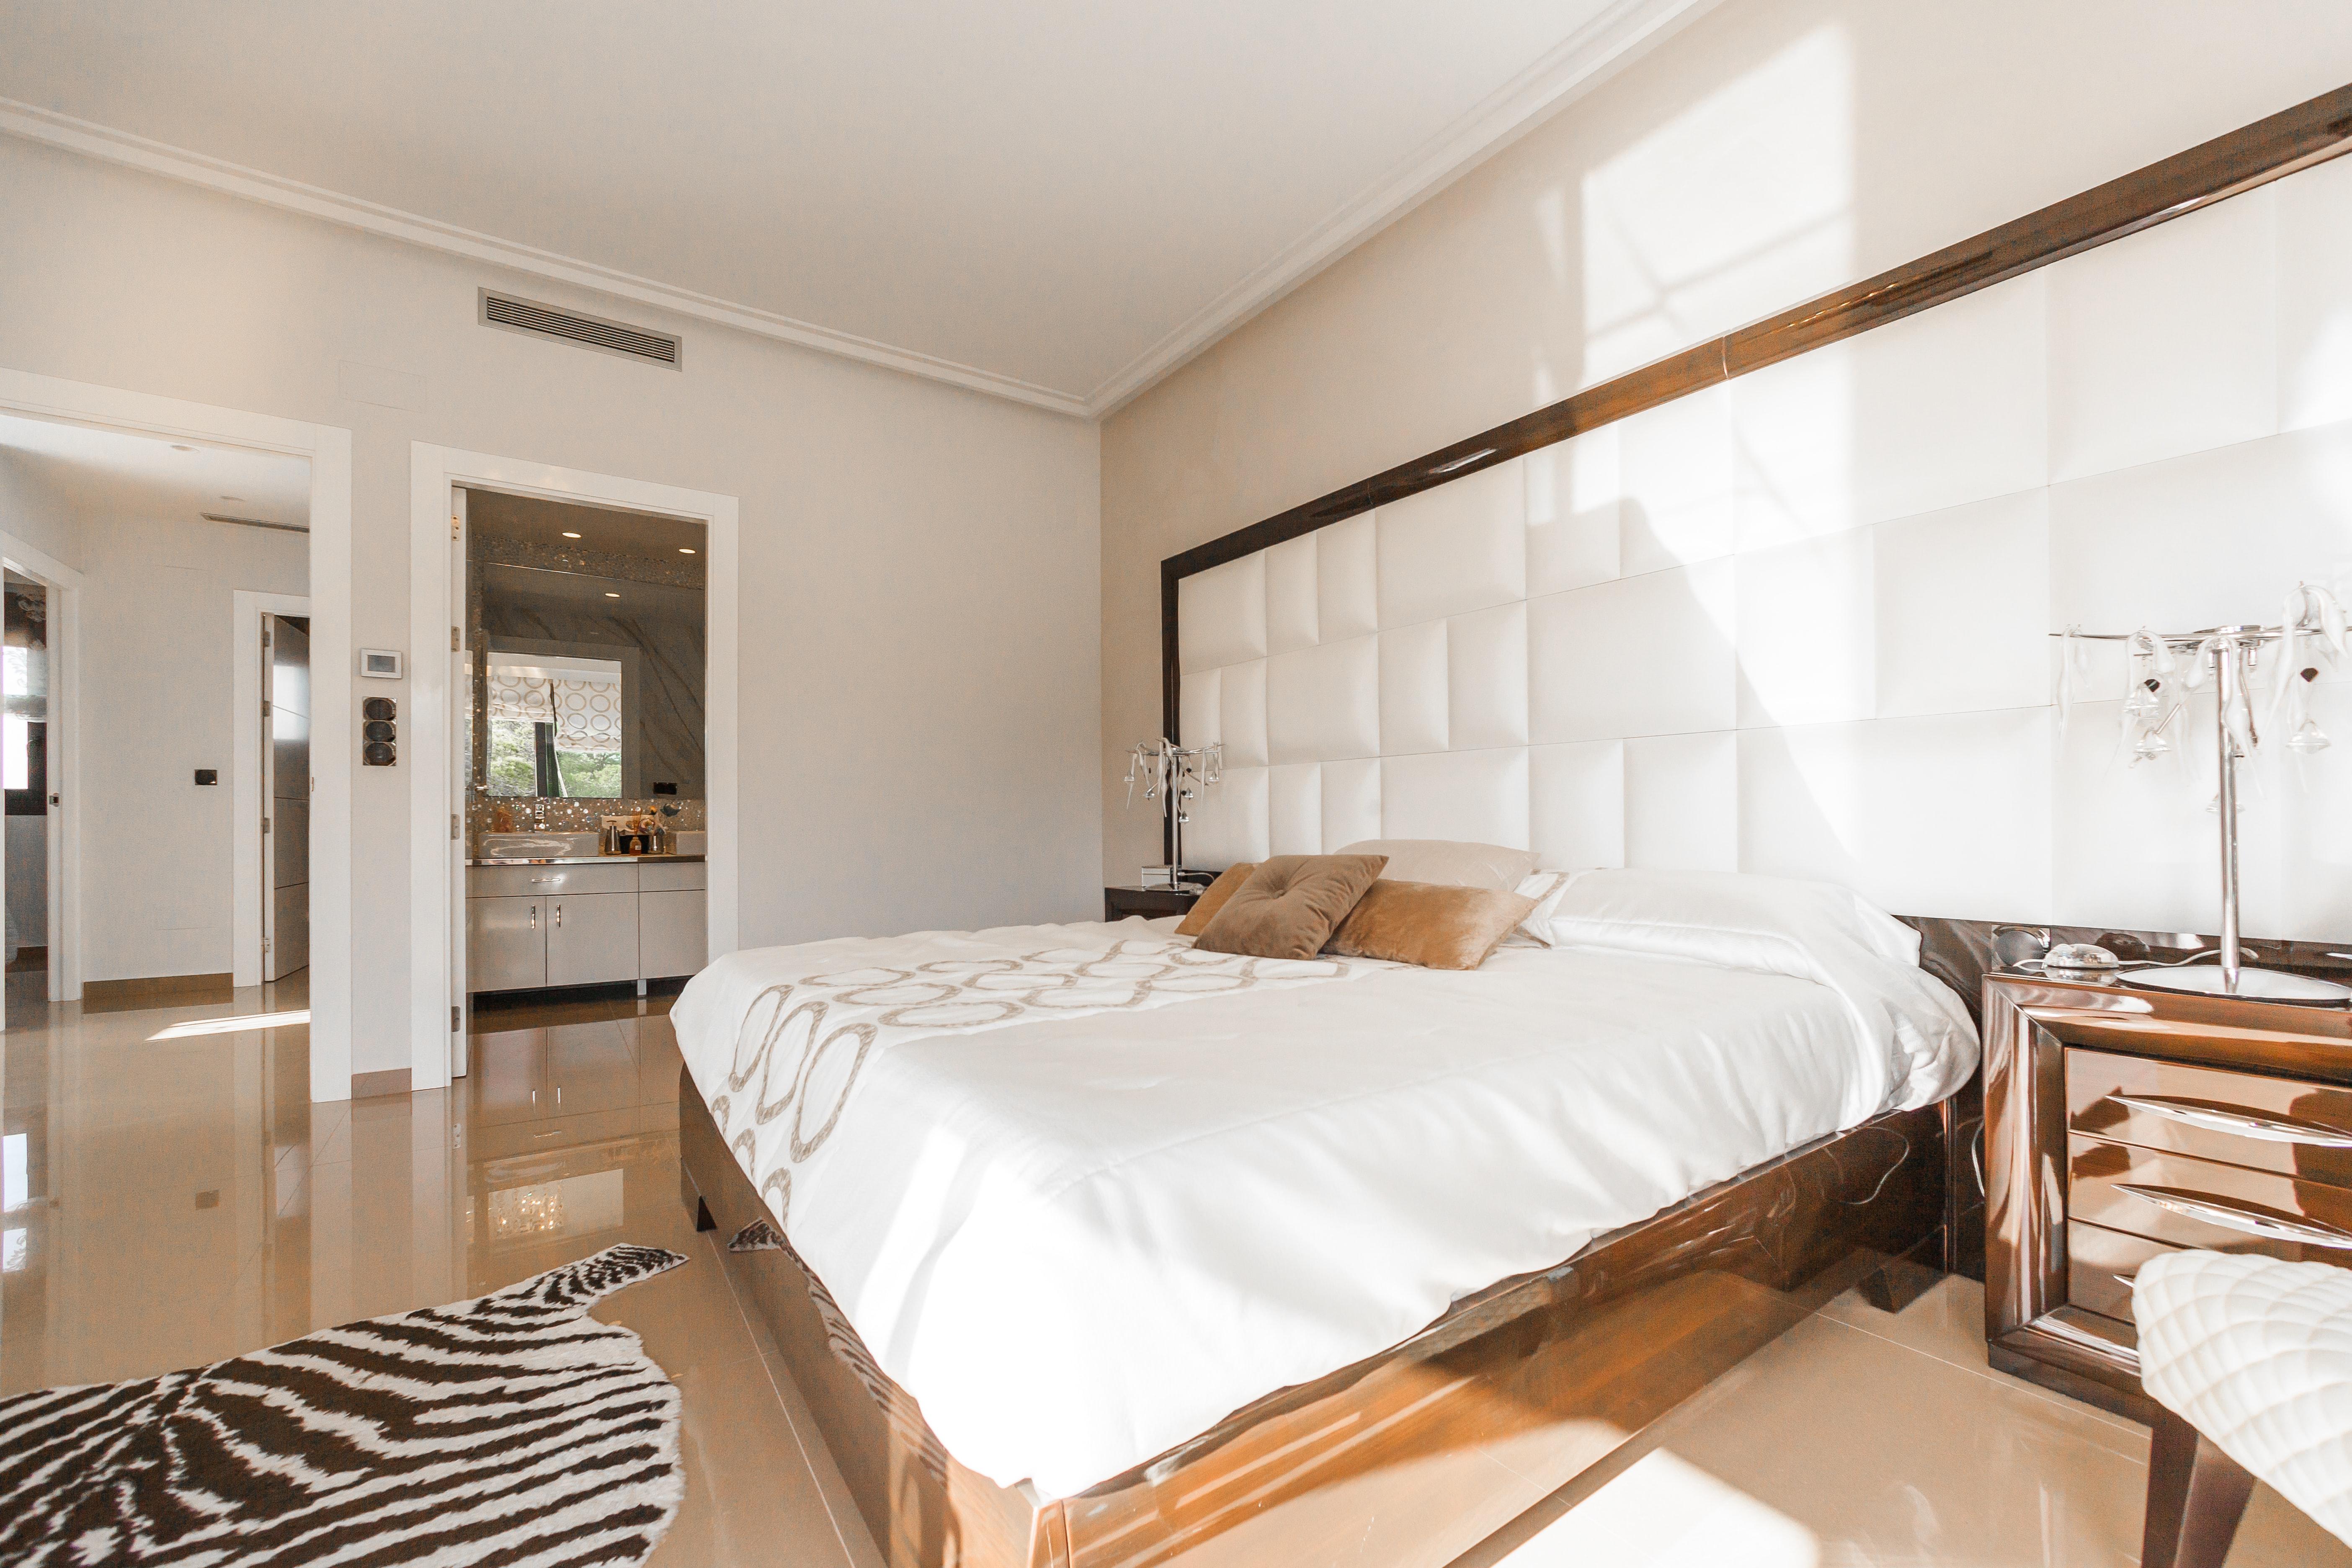 Hozd ki belőle a legtöbbet - 13 nagyszerű lakberendezési megoldás kicsi hálószobákba